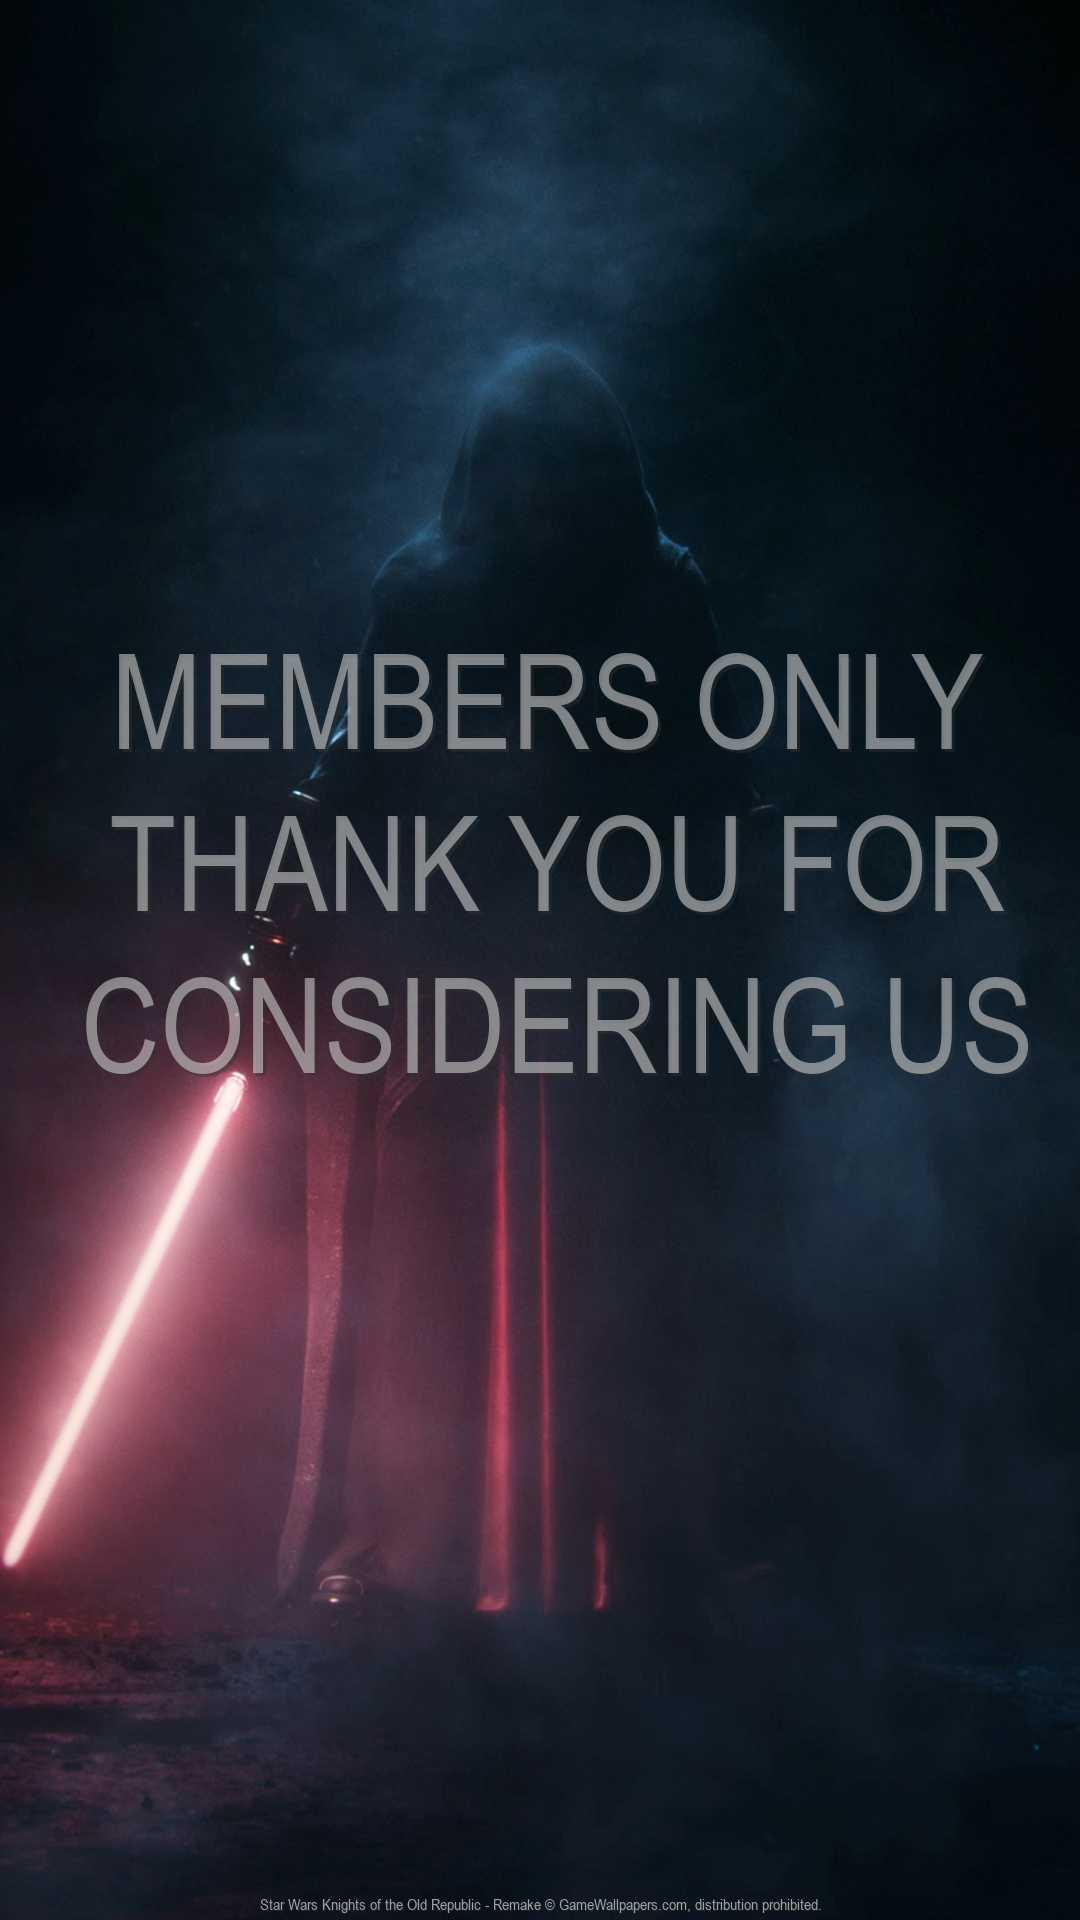 Star Wars: Knights of the Old Republic - Remake 1080p Vertical Móvil fondo de escritorio 01